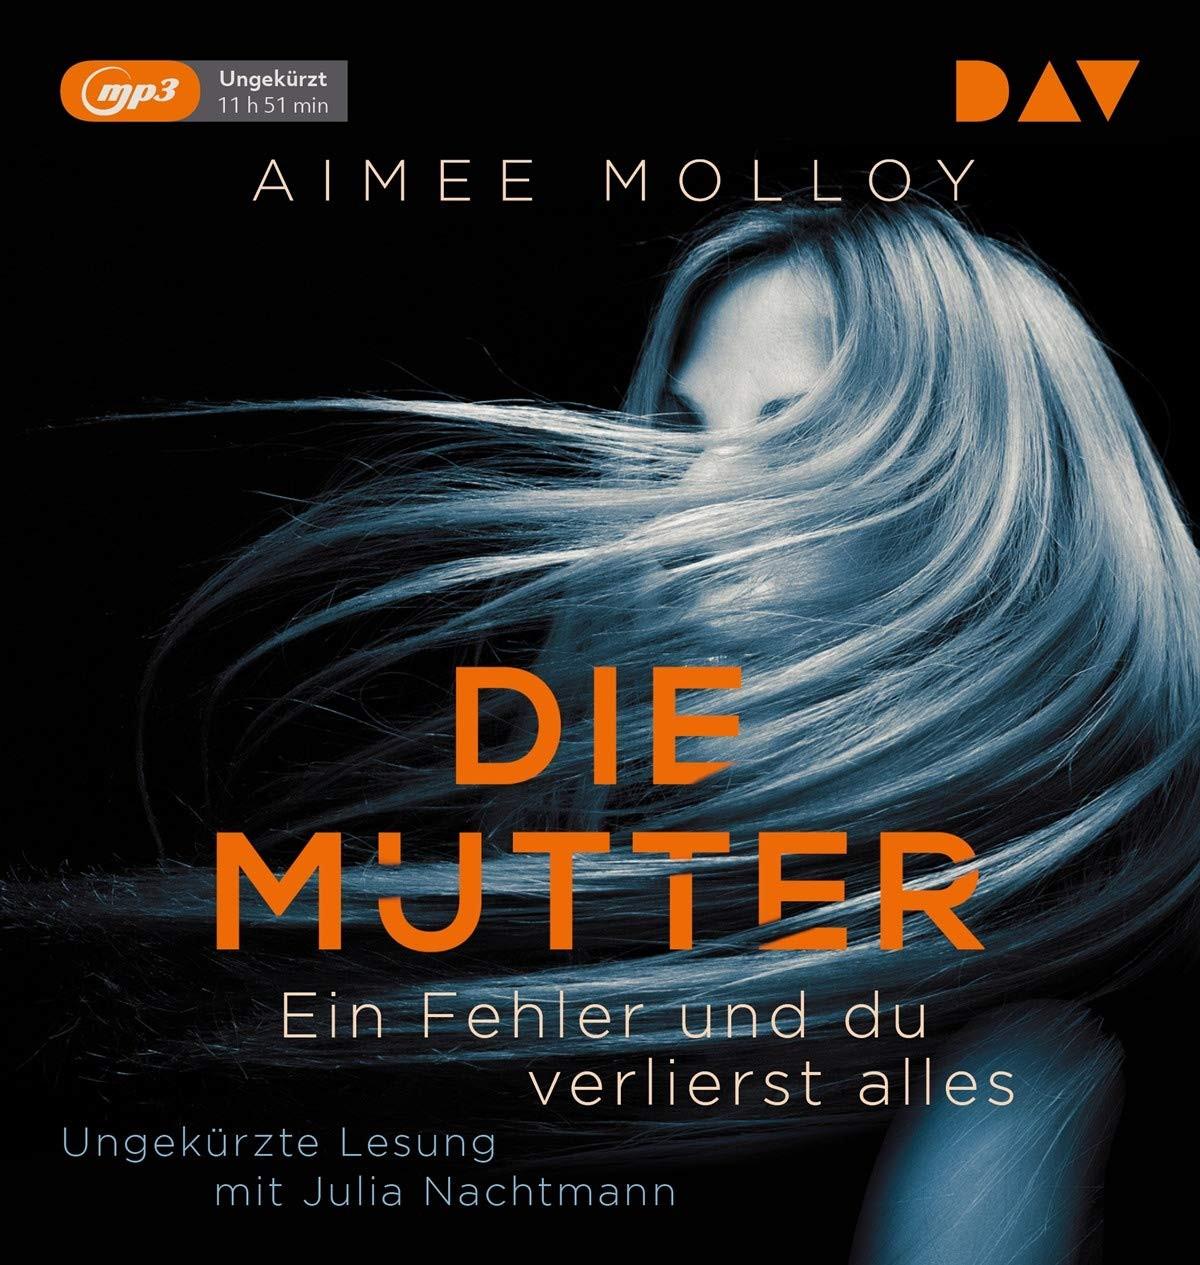 Aimee Molloy - Die Mutter – Ein Fehler und du verlierst alles